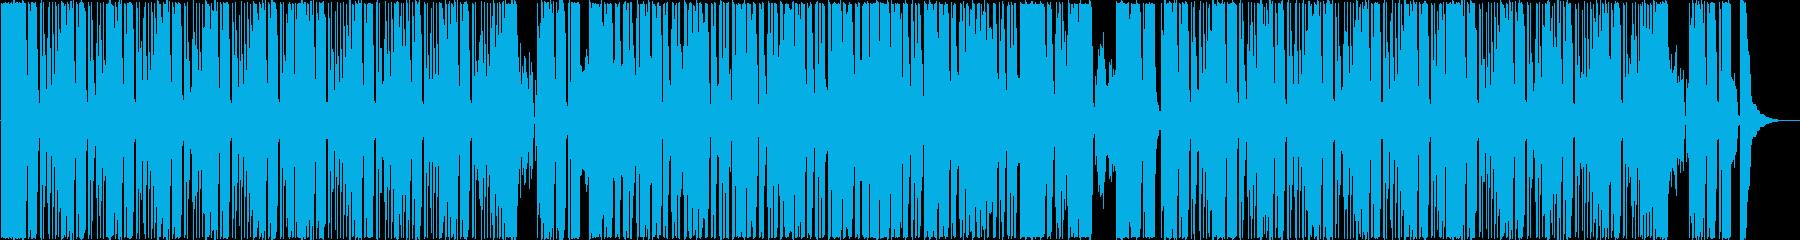 ファンク・Youtuber・TV・BGMの再生済みの波形